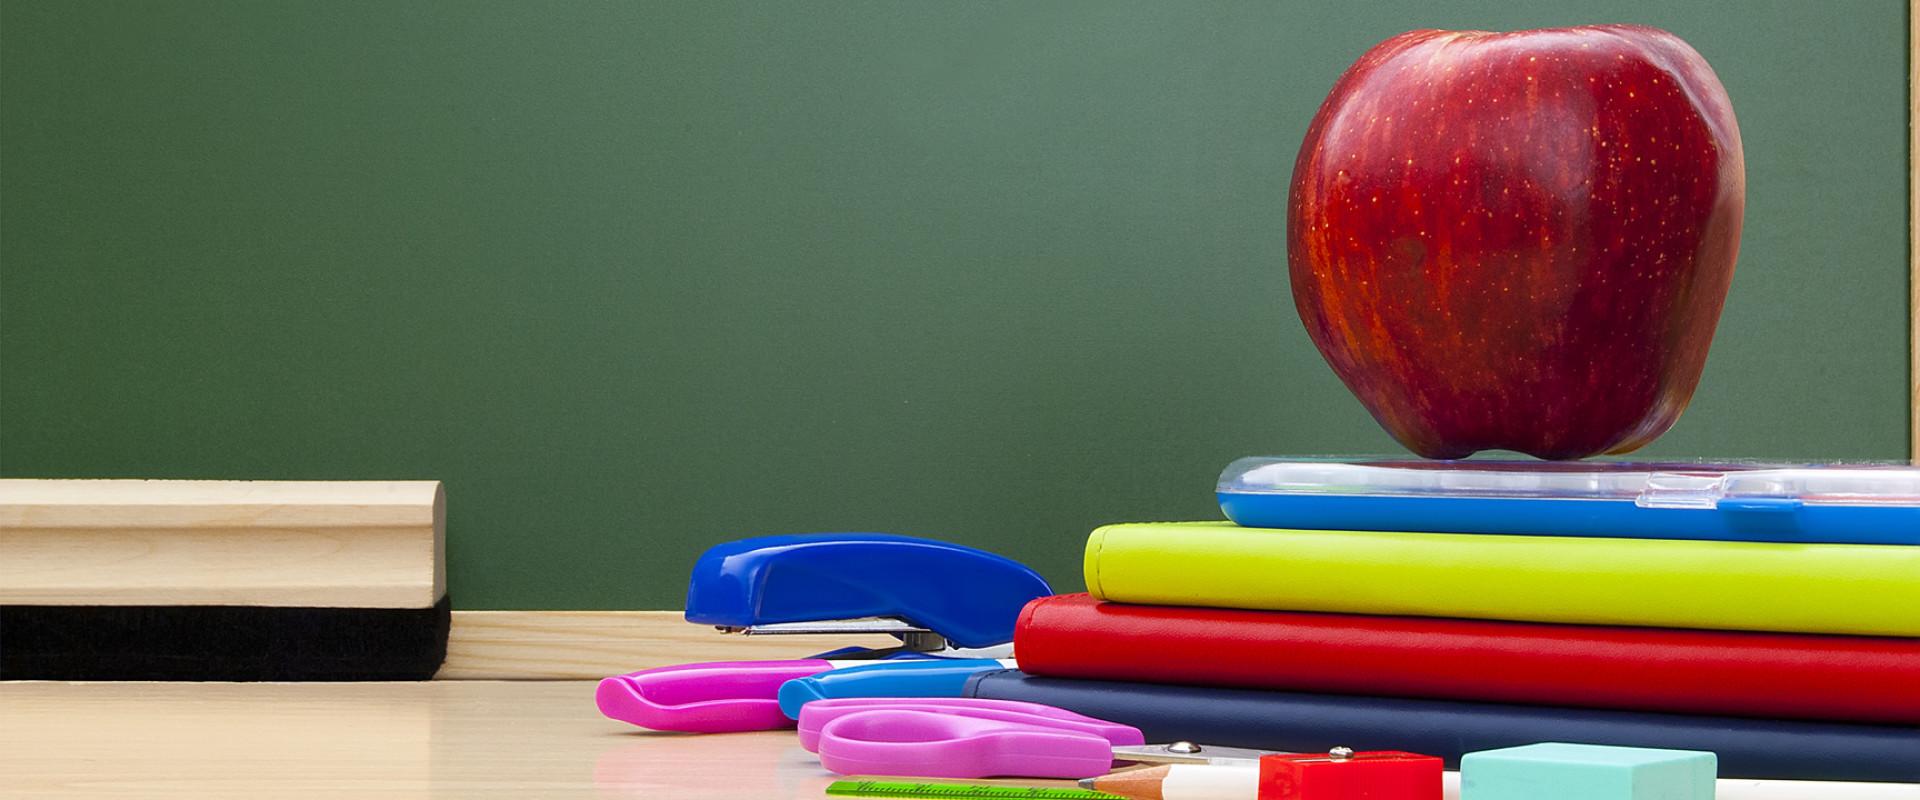 Kantoorspullen - Welke spullen heb je nodig op je administratieplek?